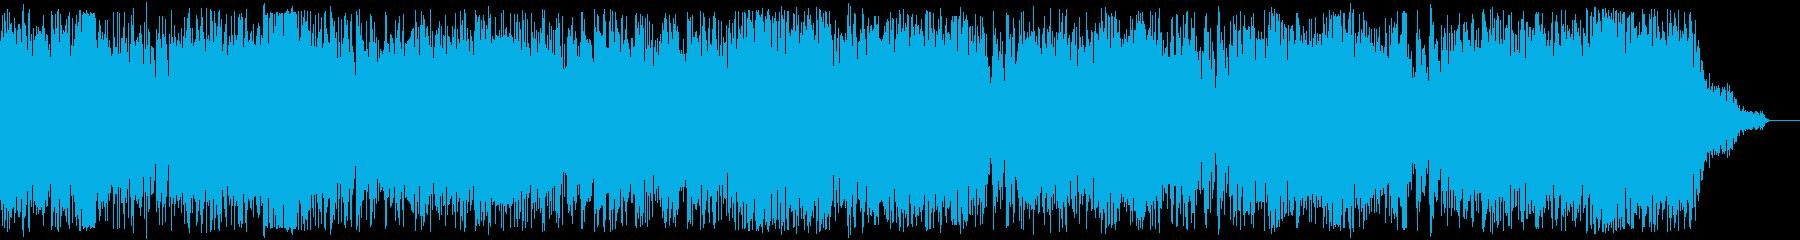 暗くて上昇する内臓のインパクトドラ...の再生済みの波形